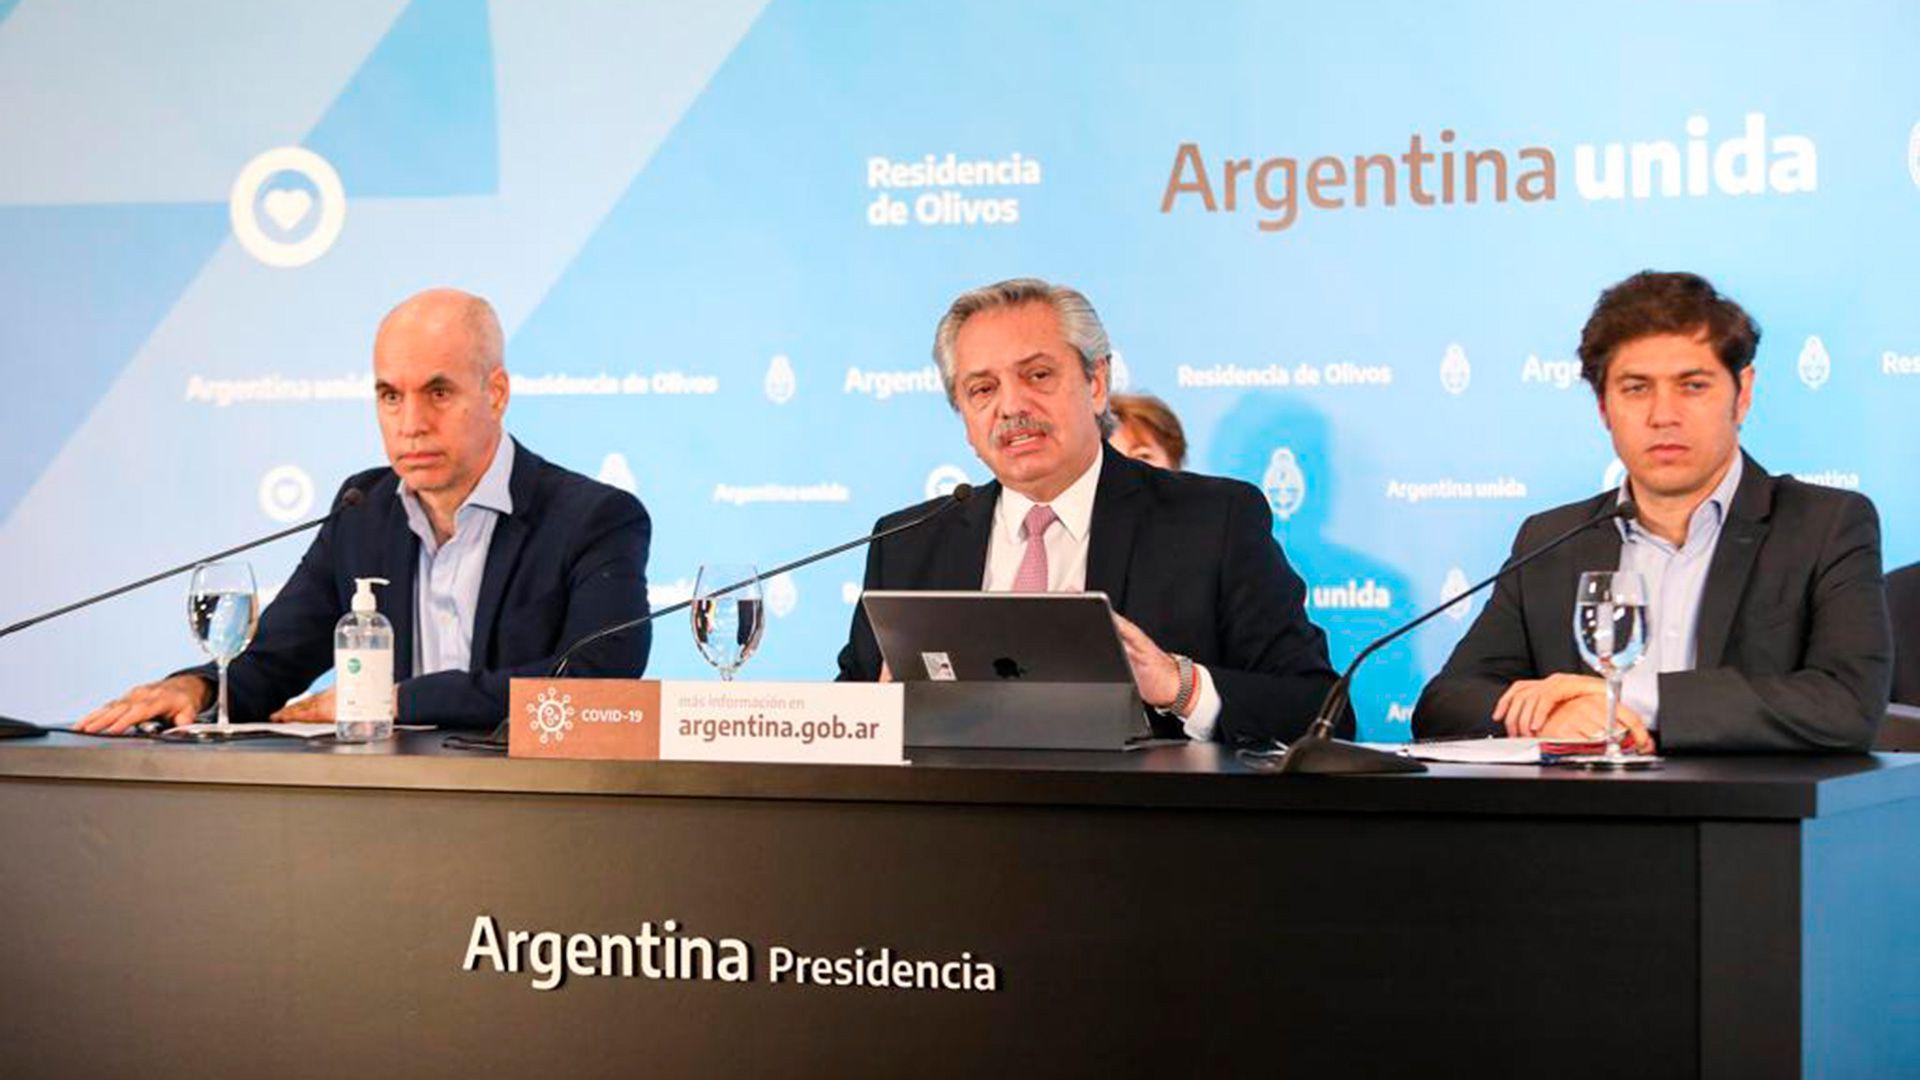 Rodríguez Larreta, Fernández y Kicillof en el anuncio